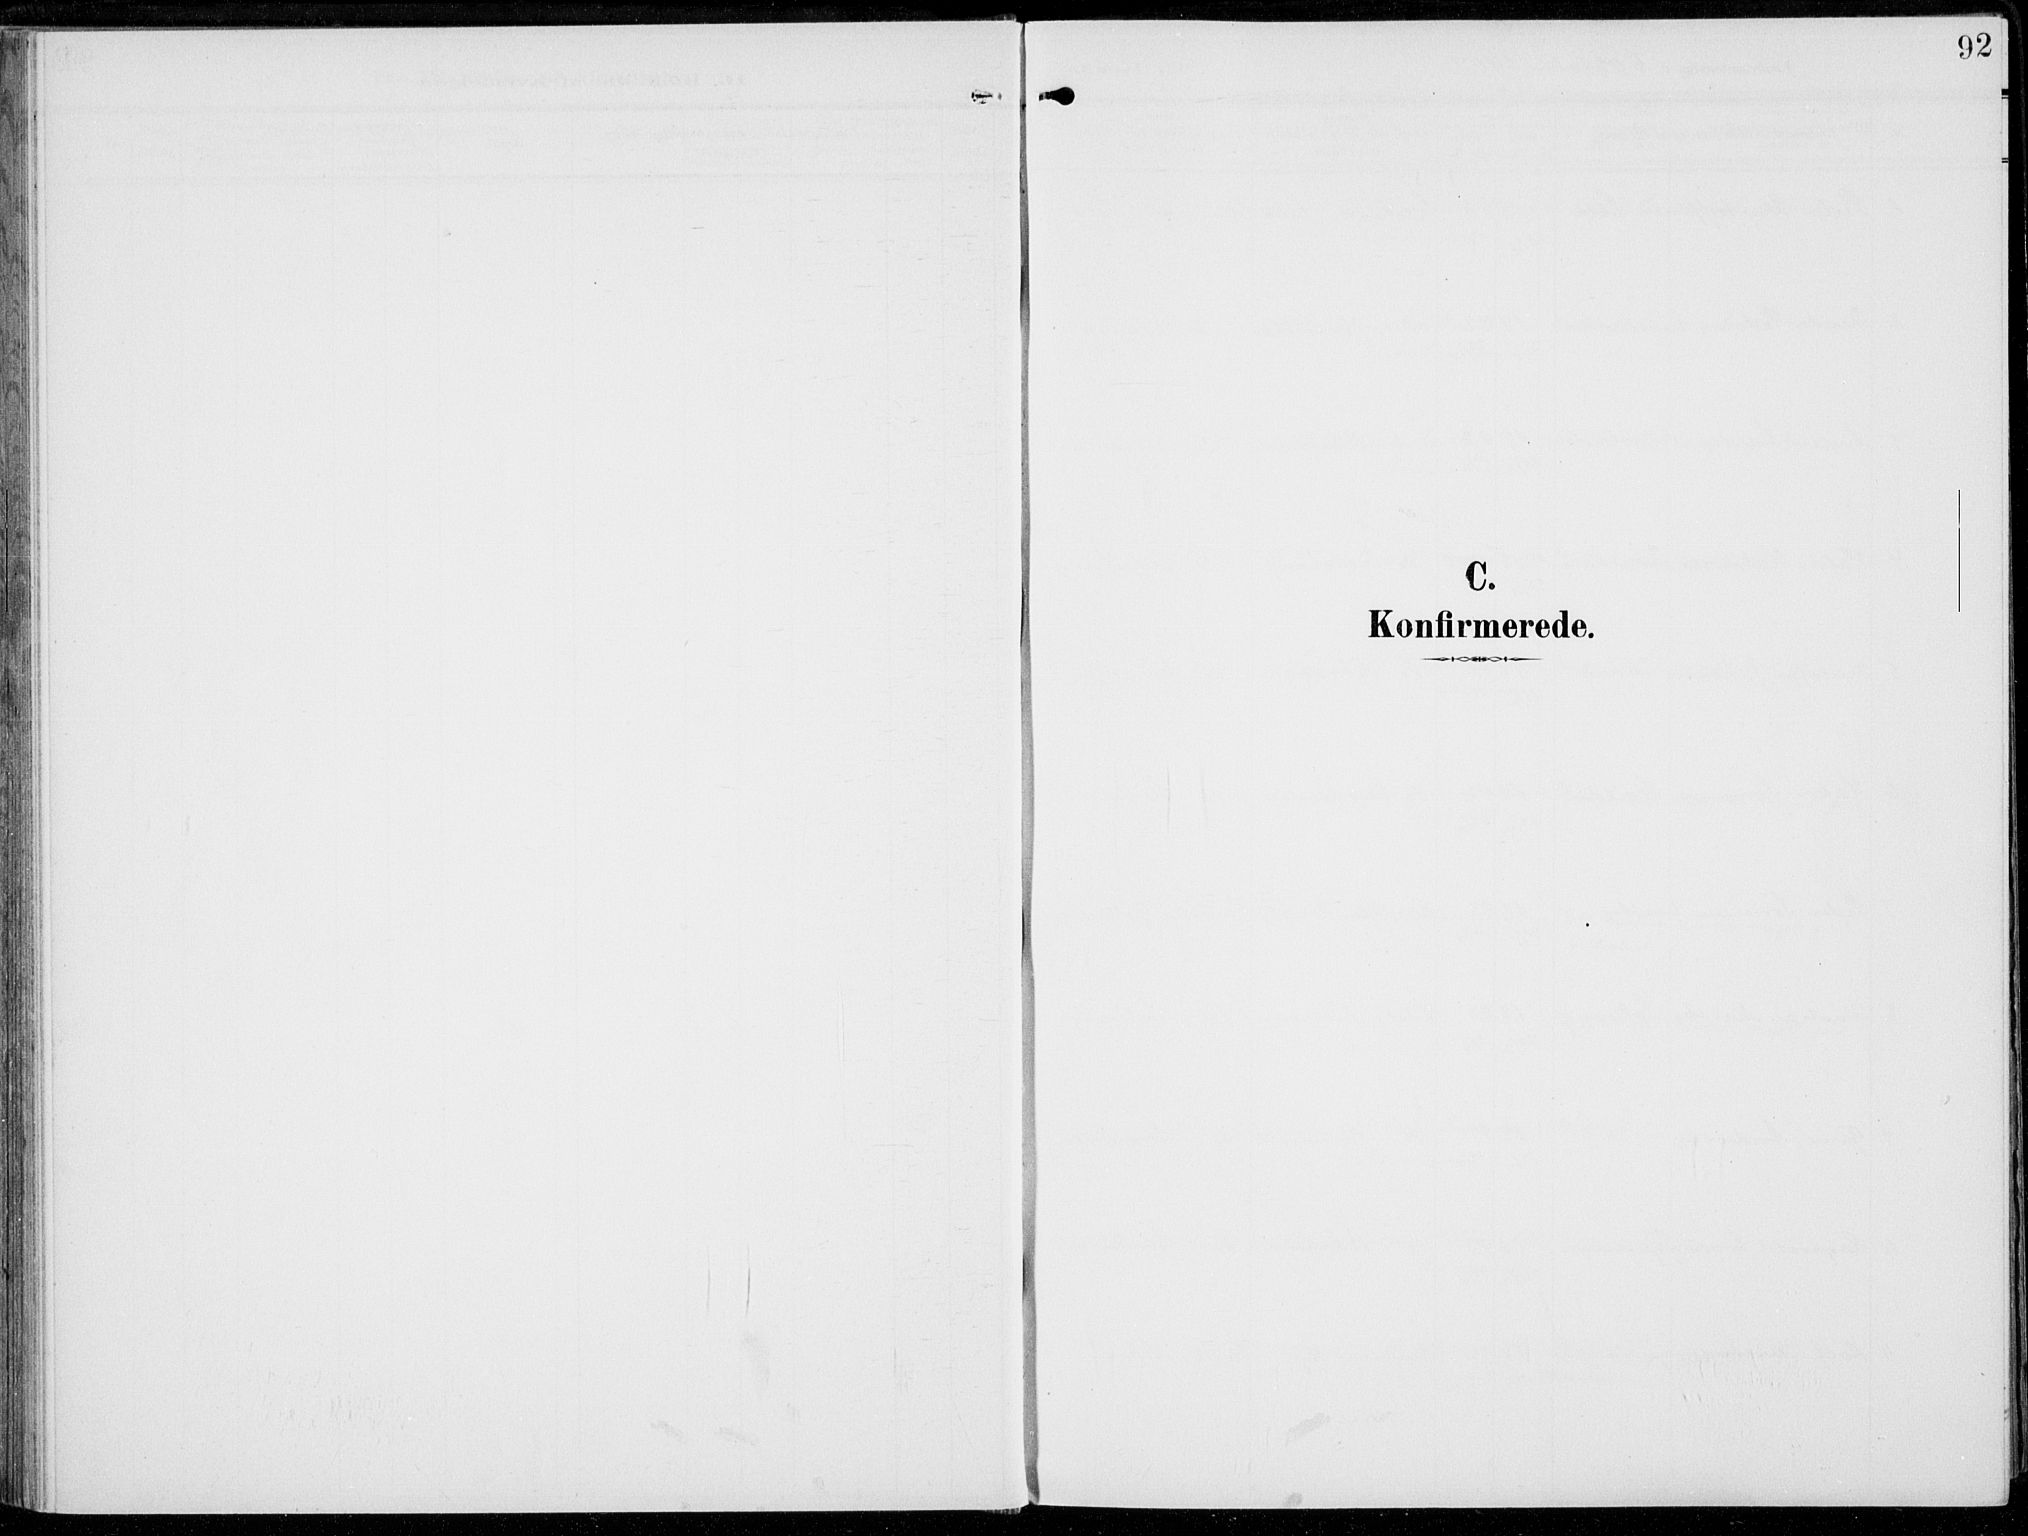 SAH, Alvdal prestekontor, Ministerialbok nr. 4, 1907-1919, s. 92